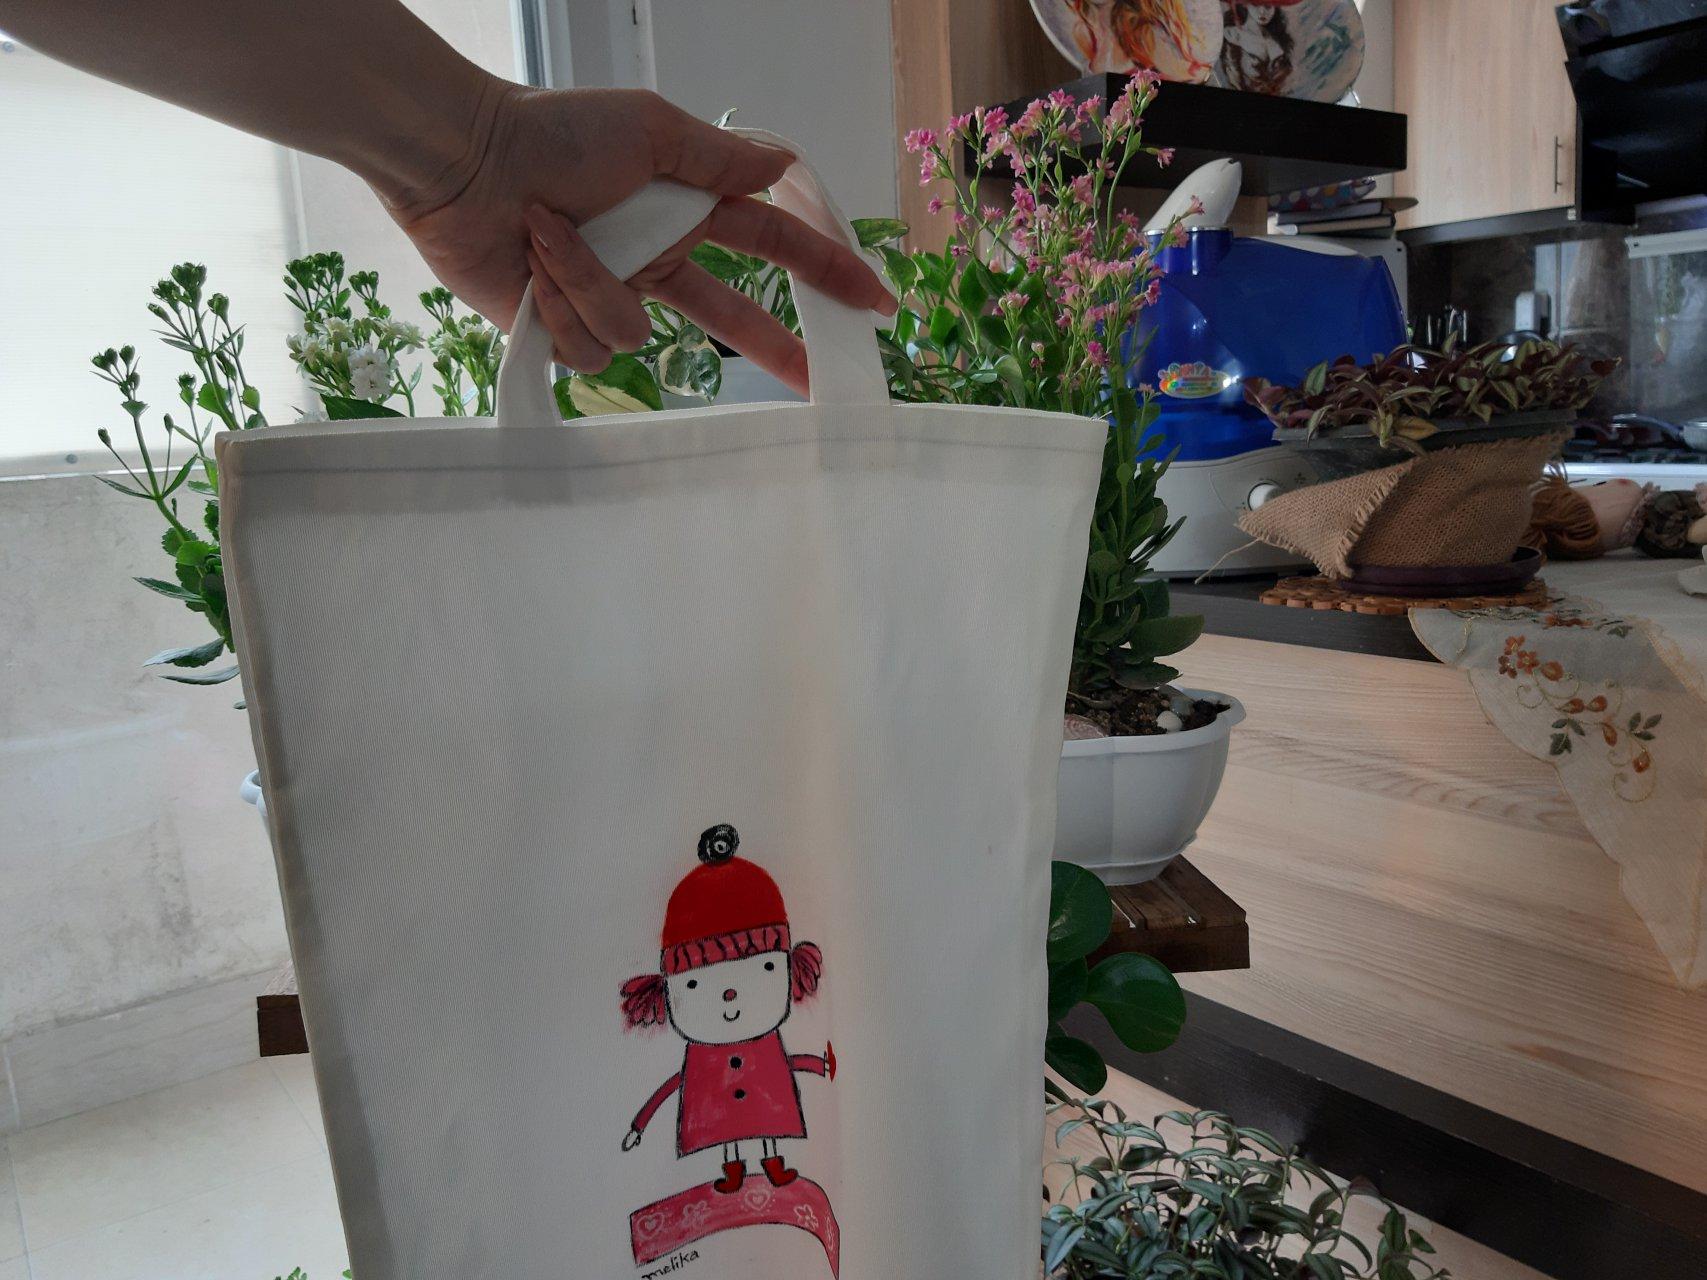 کیف پارچه ای نقاشی شده طرح عروسکی